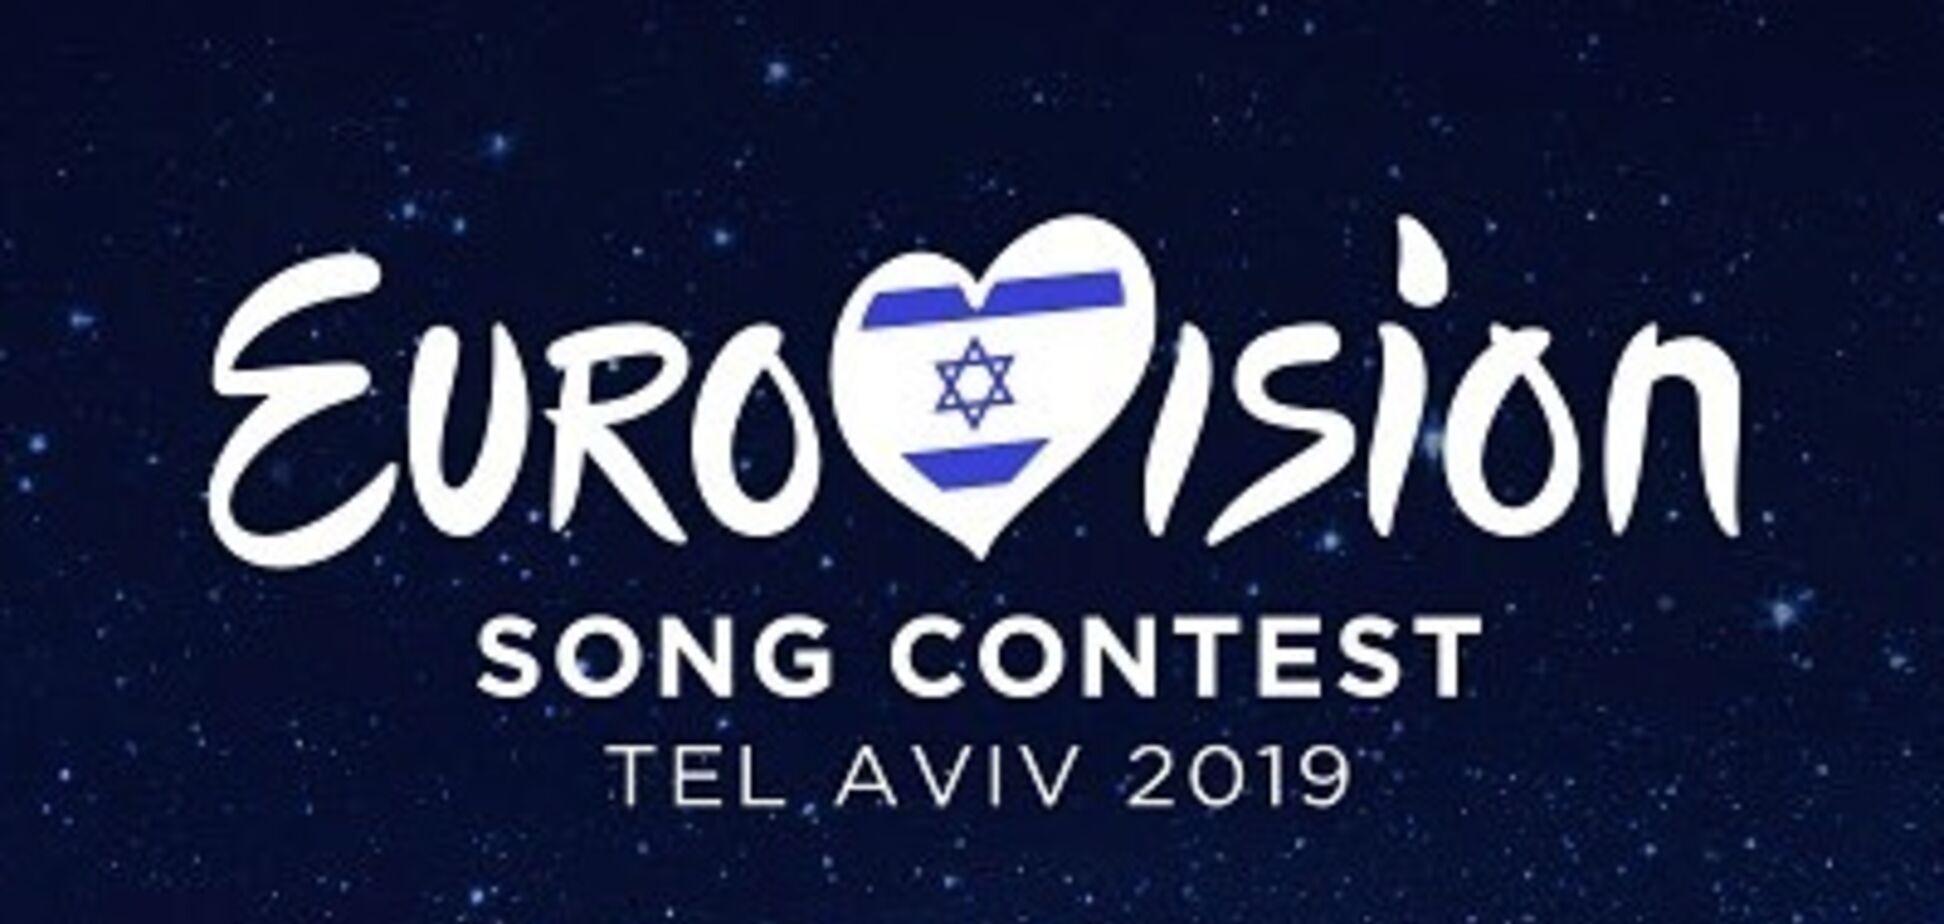 Євробачення-2019: в мережу злили фото головної сцени